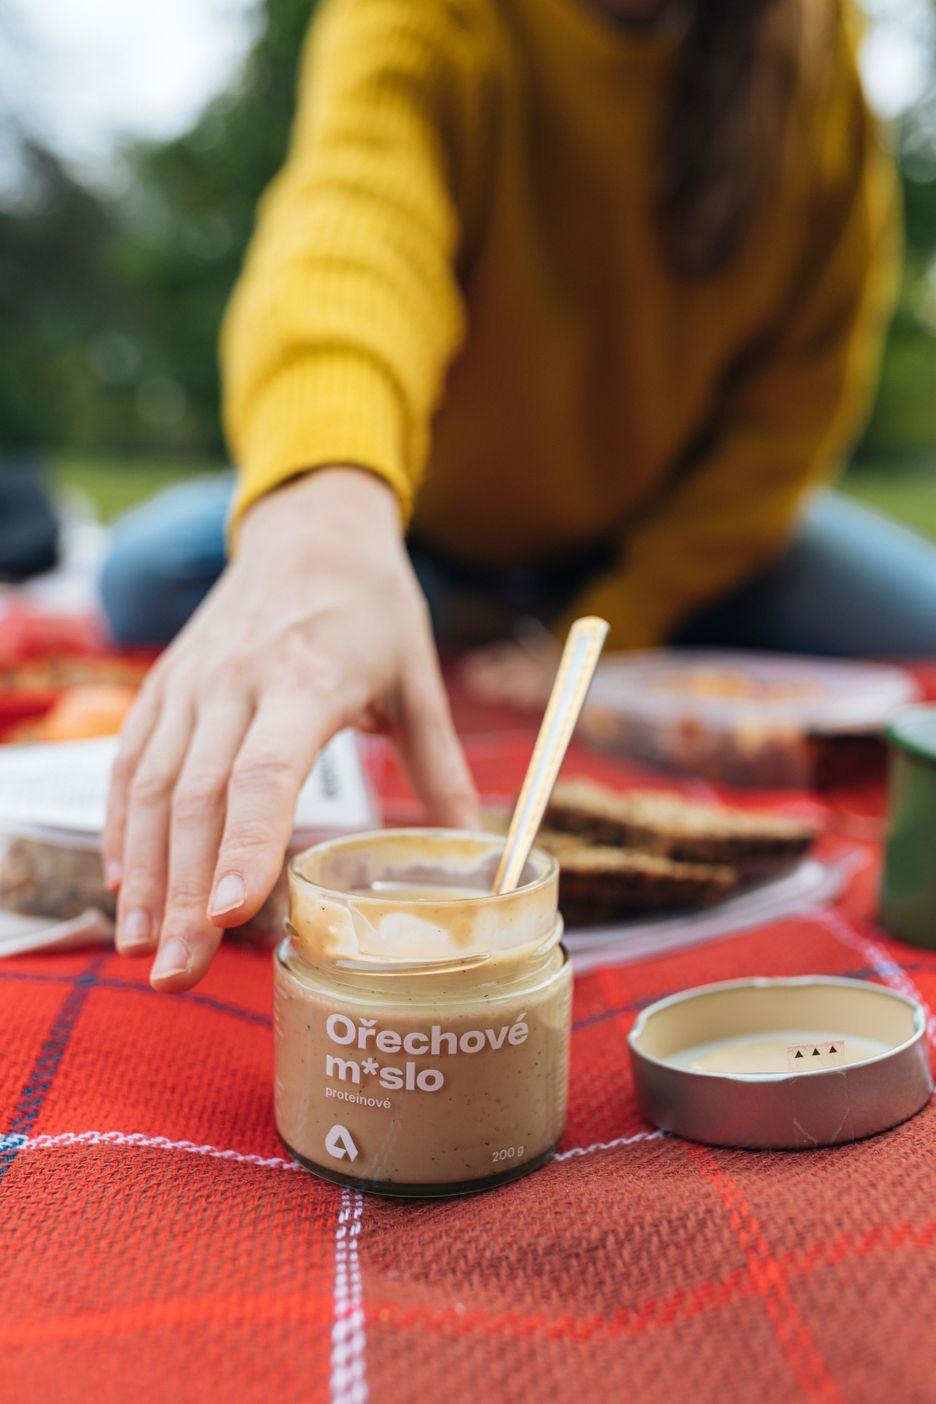 Aktin Proteinové ořechové máslo lískové ořechy s vanilkou 200 g